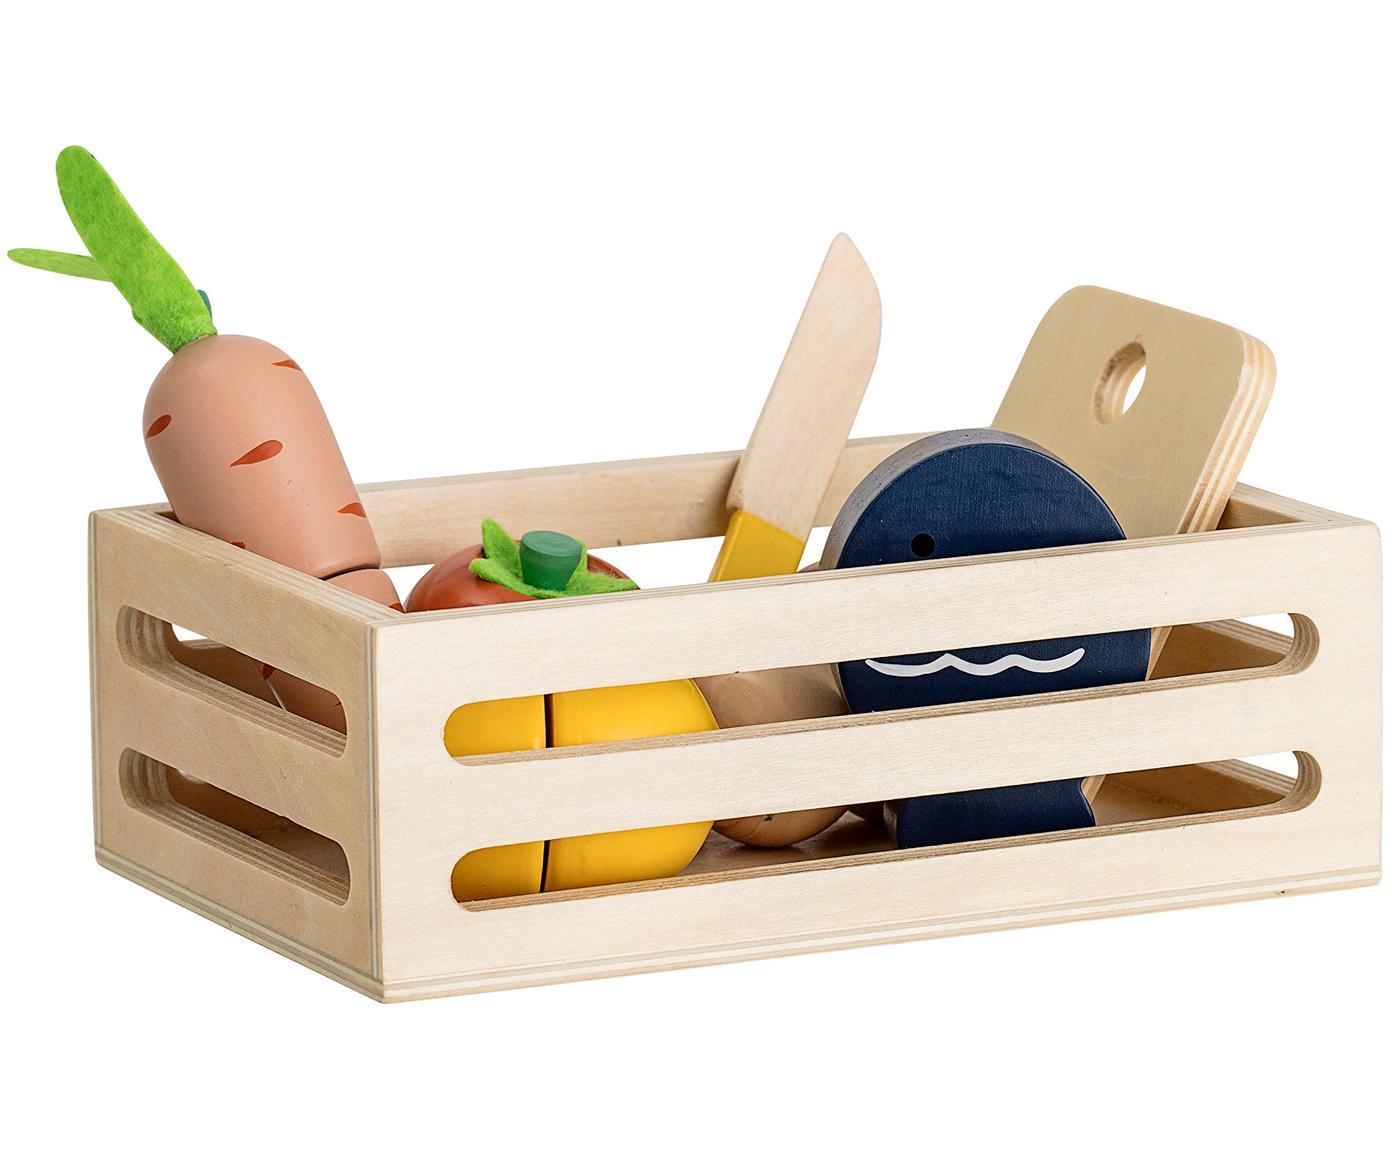 Spiel-Set Foodbox, 8-tlg., Schichtholz, Mitteldichte Holzfaserplatte, Mehrfarbig, 18 x 6 cm